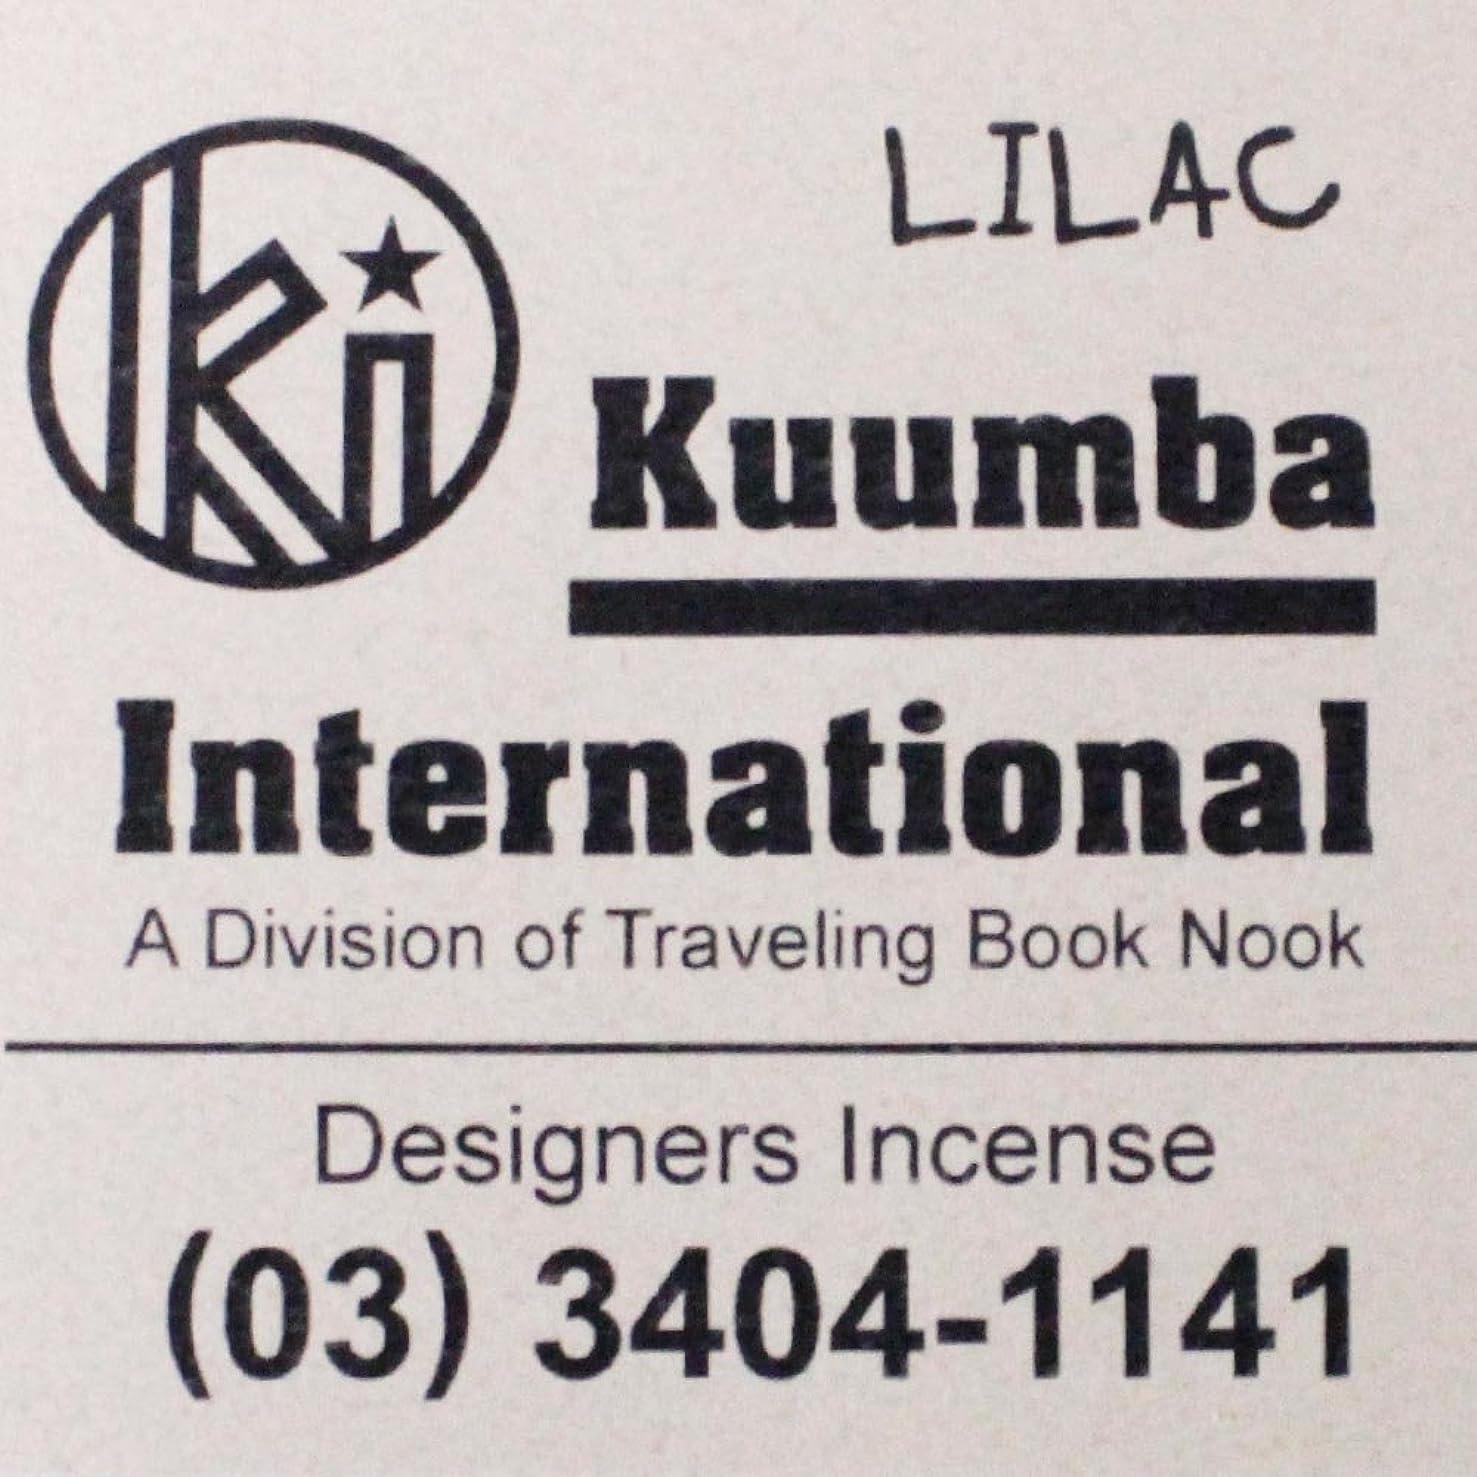 装備する仮定する成功(クンバ) KUUMBA『incense』(LILAC) (Regular size)